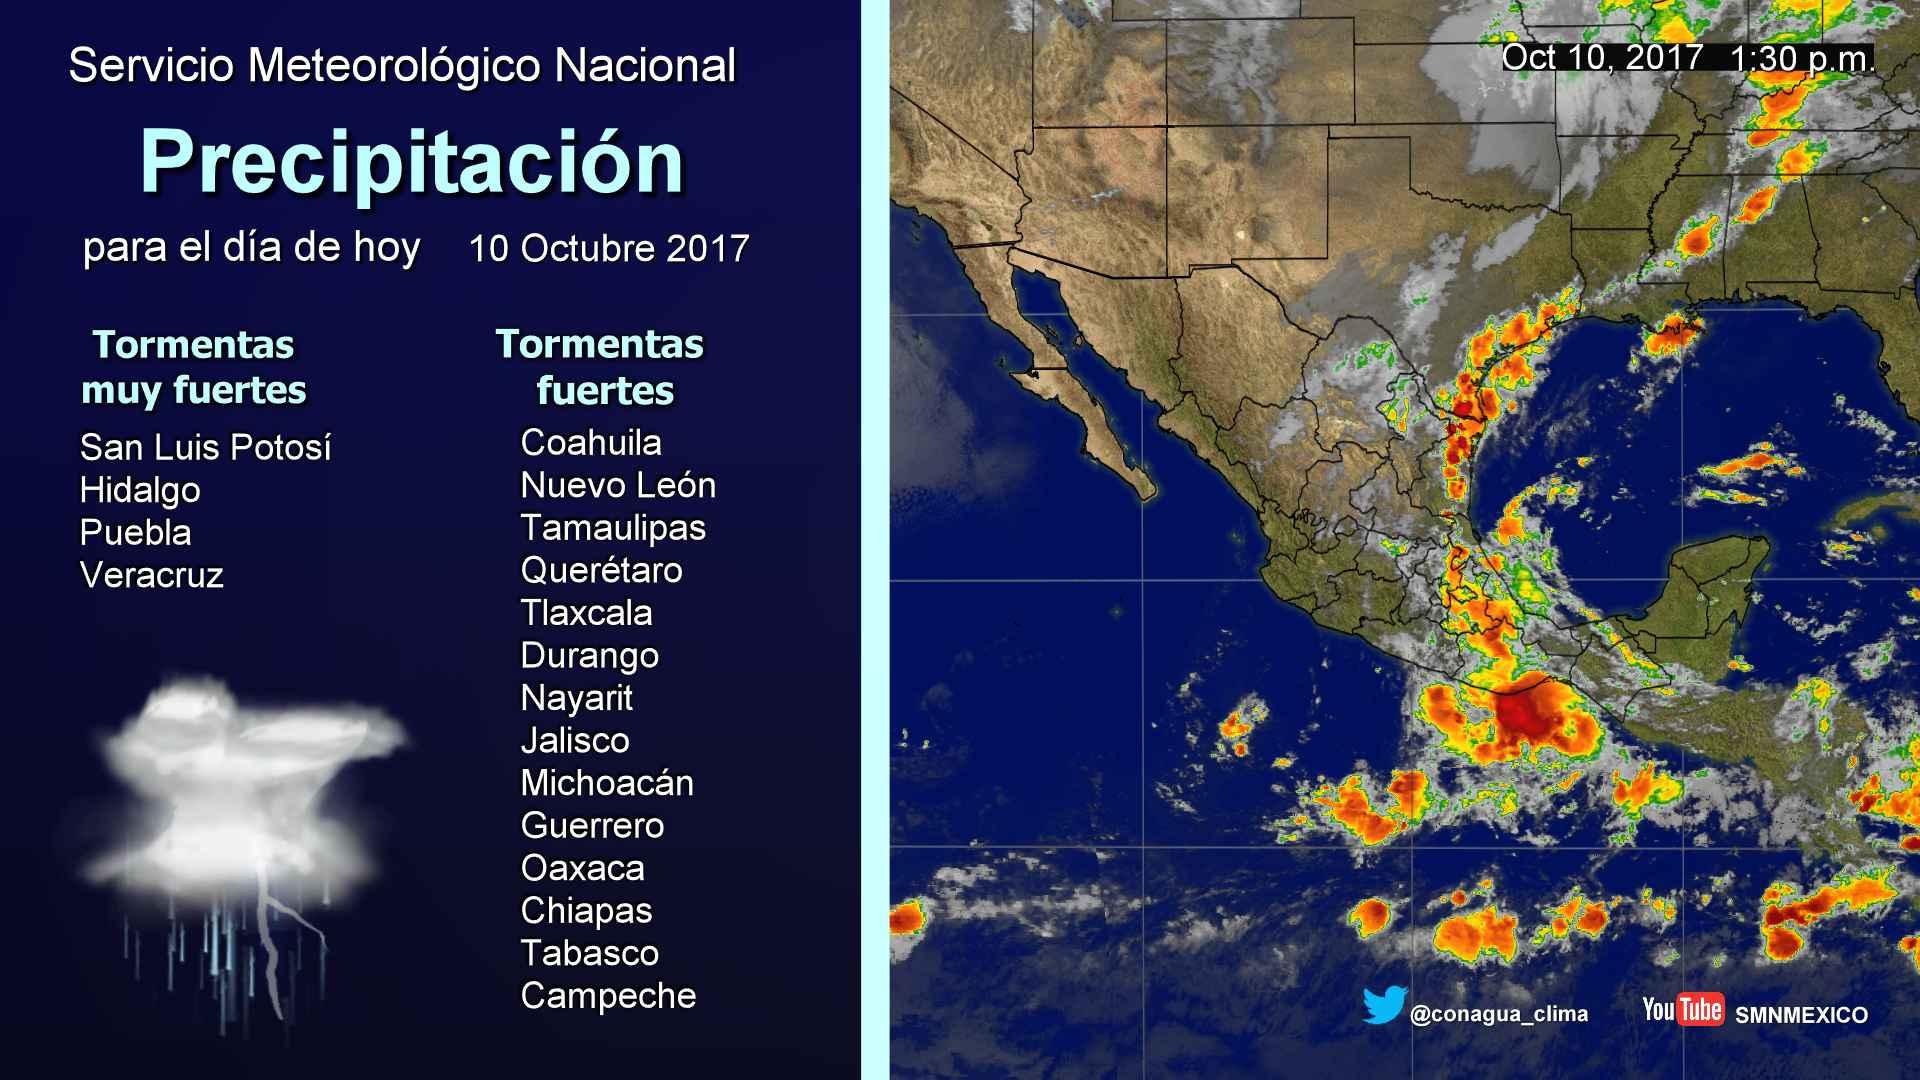 Durante las próximas horas se prevén tormentas intensas en Tamaulipas, San Luis Potosí, Hidalgo, Puebla y Veracruz